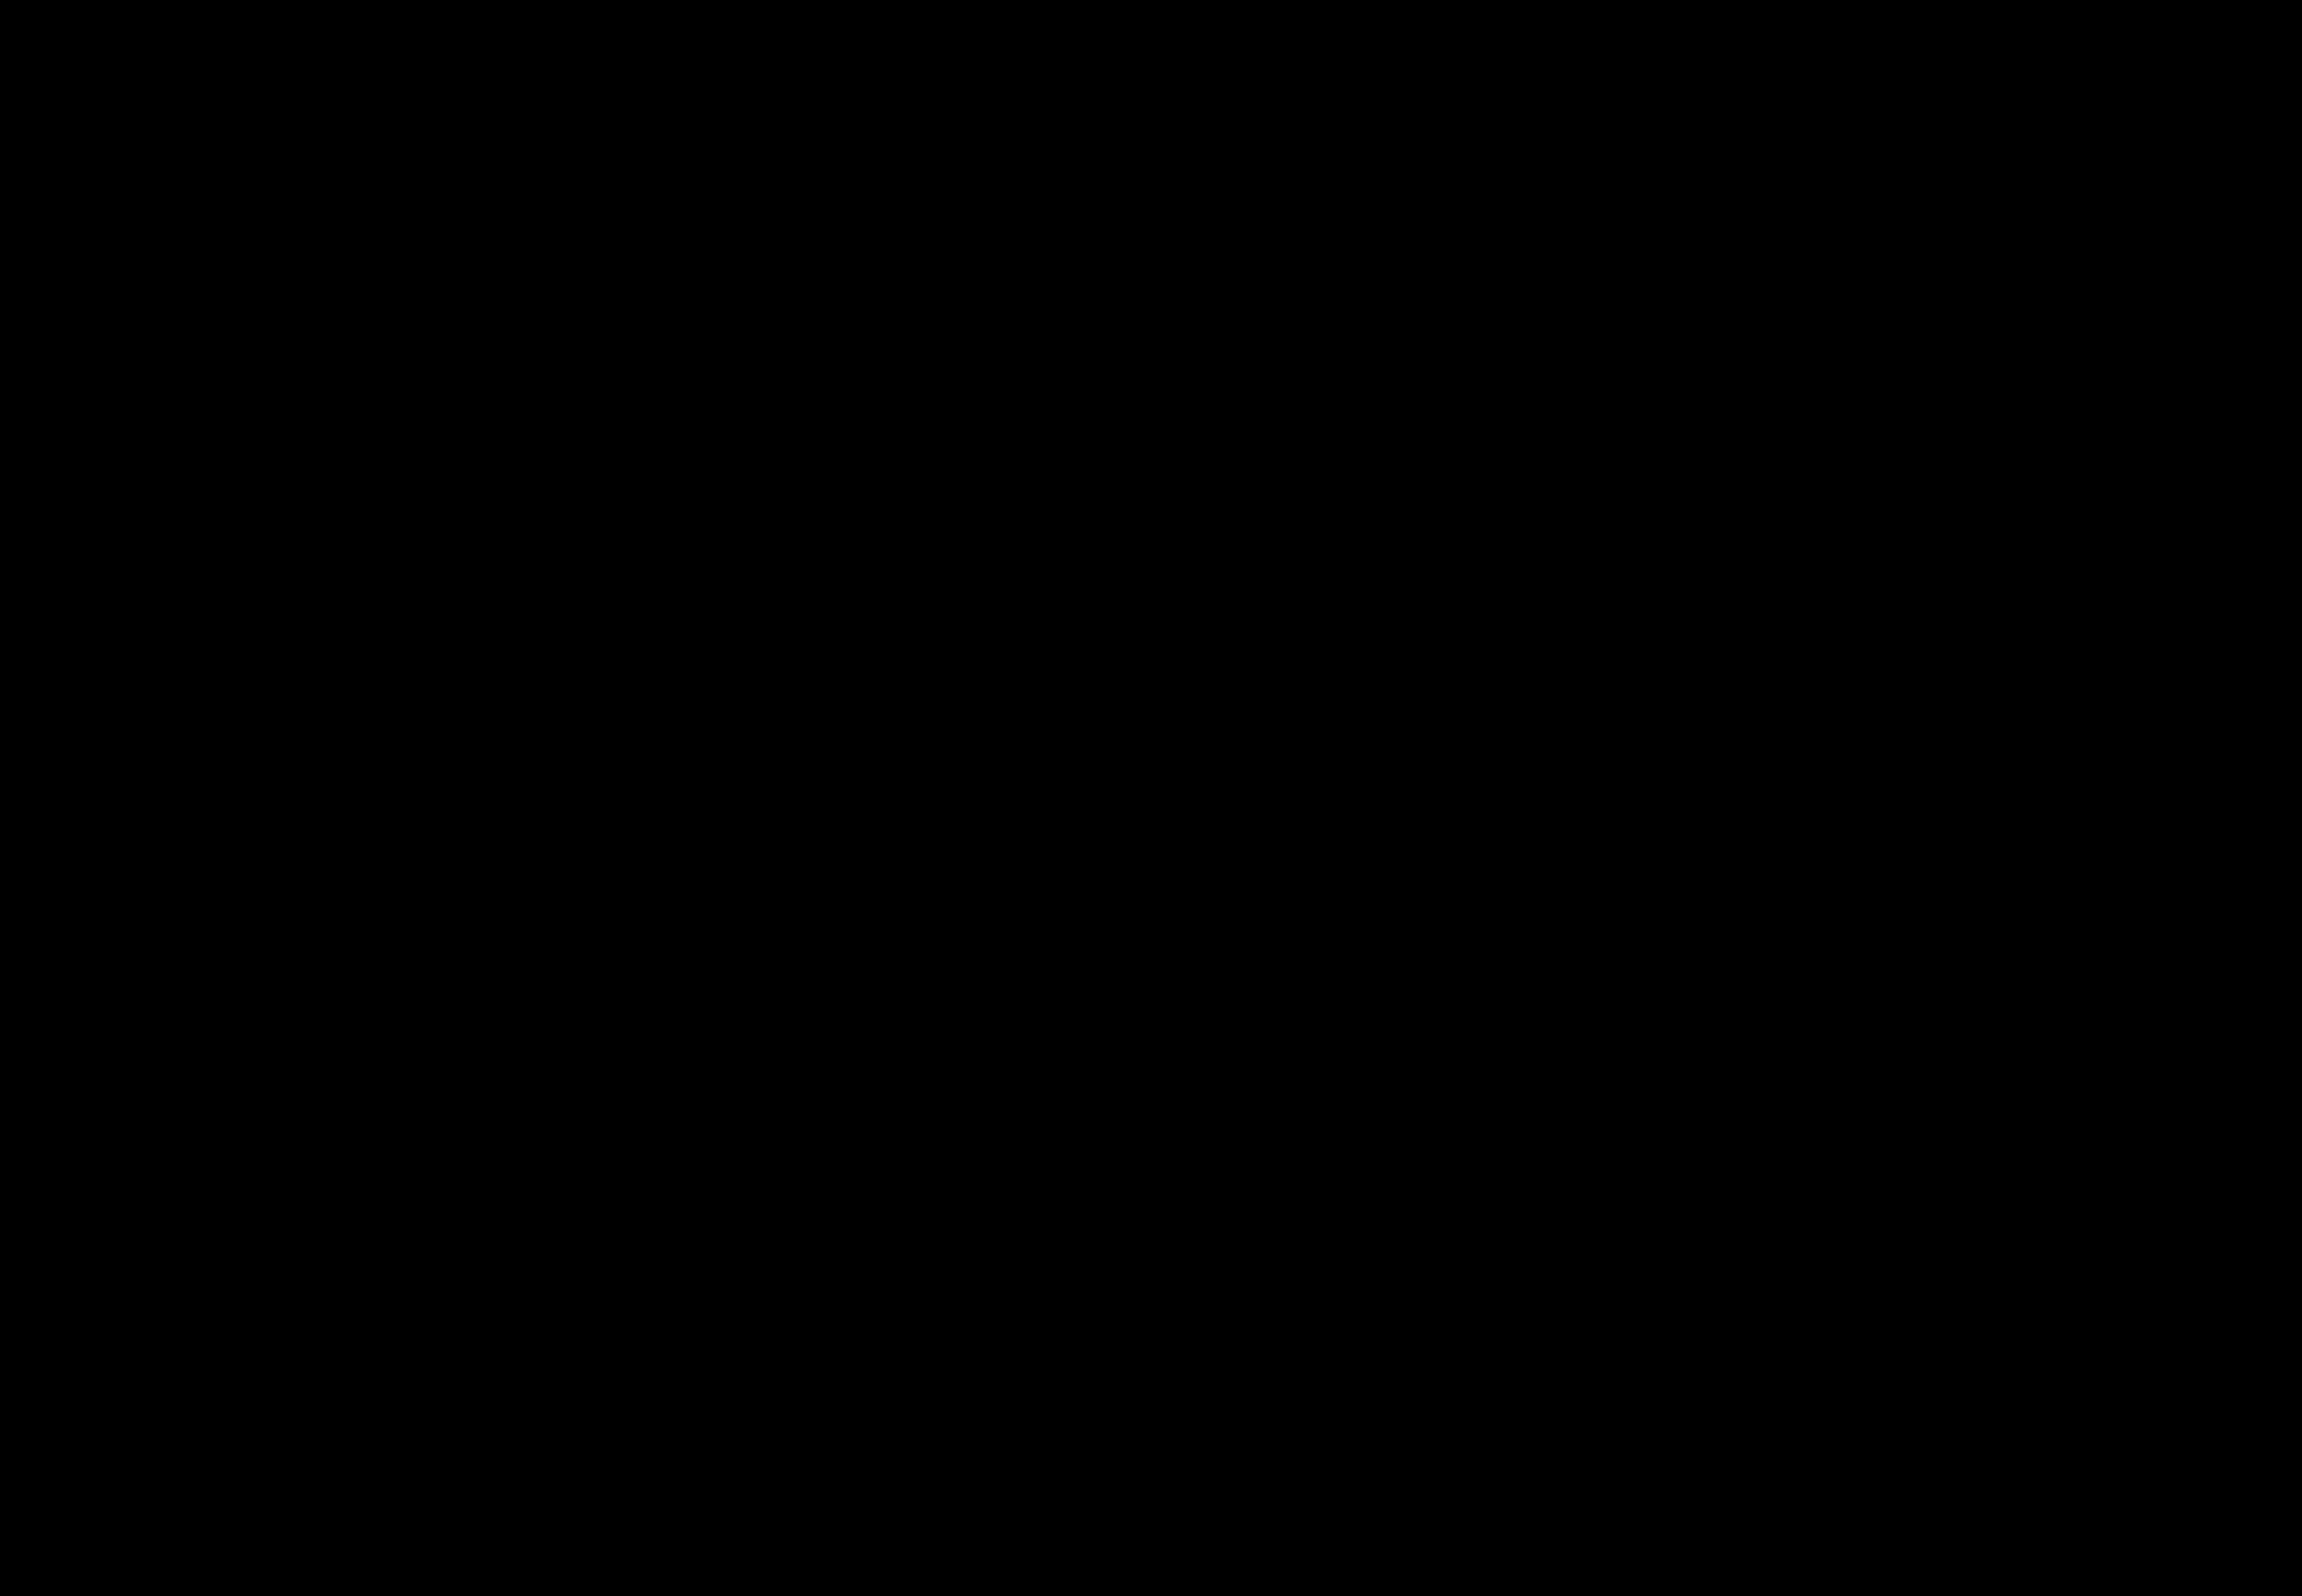 Prisma - Alexis Dubourdieu - On the phone.jpg